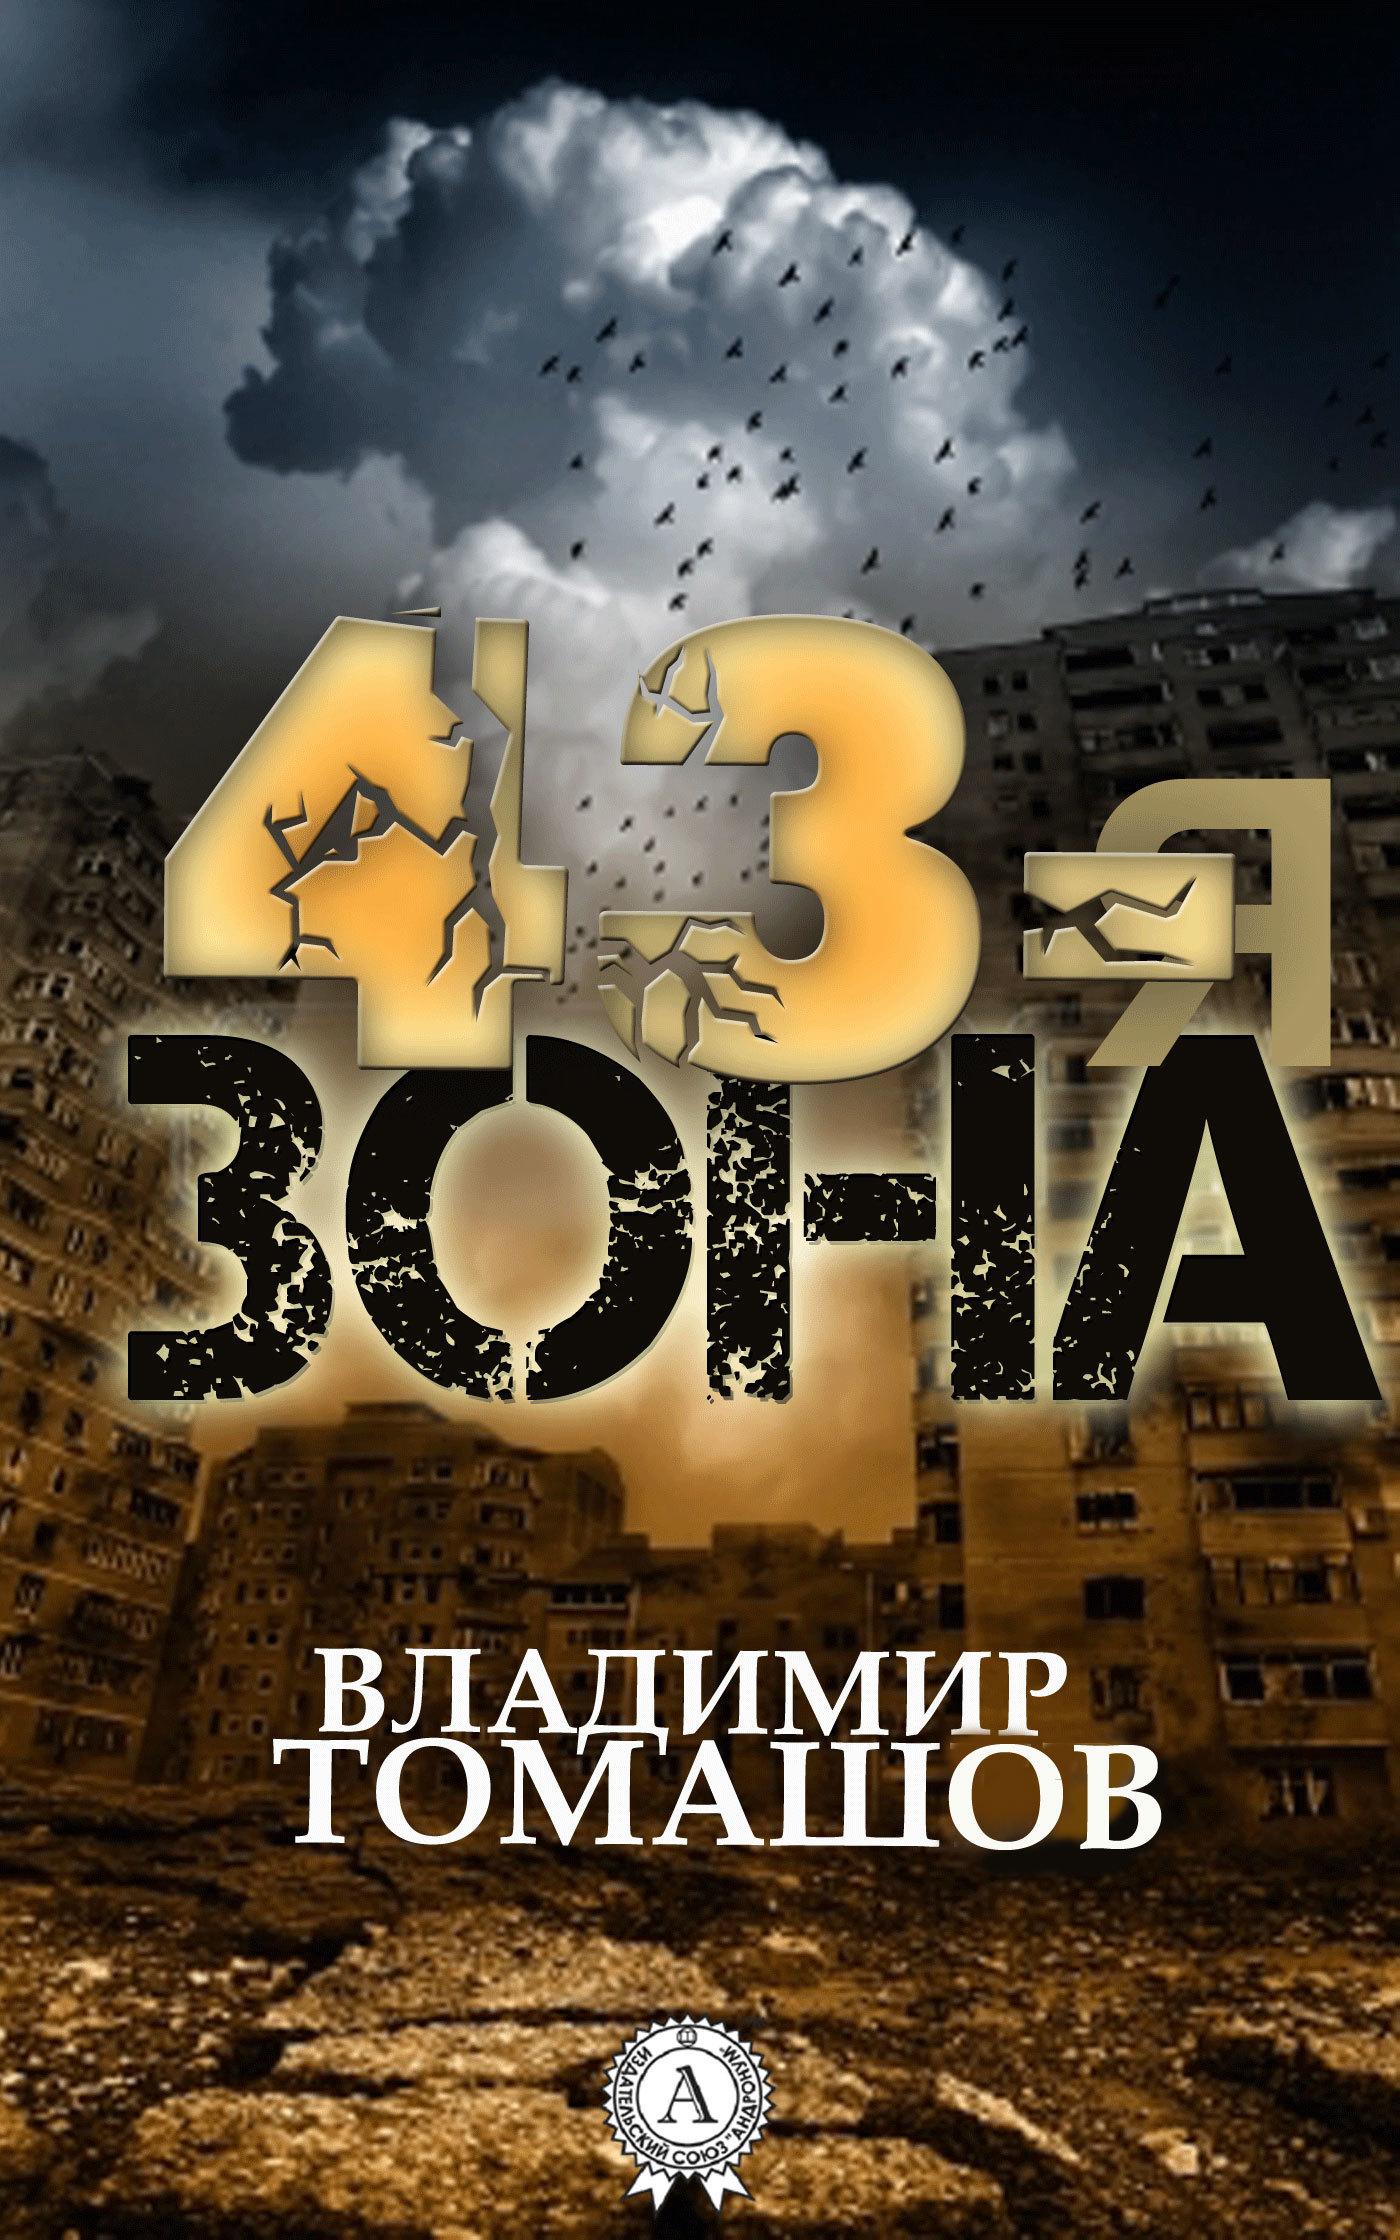 43-я зона